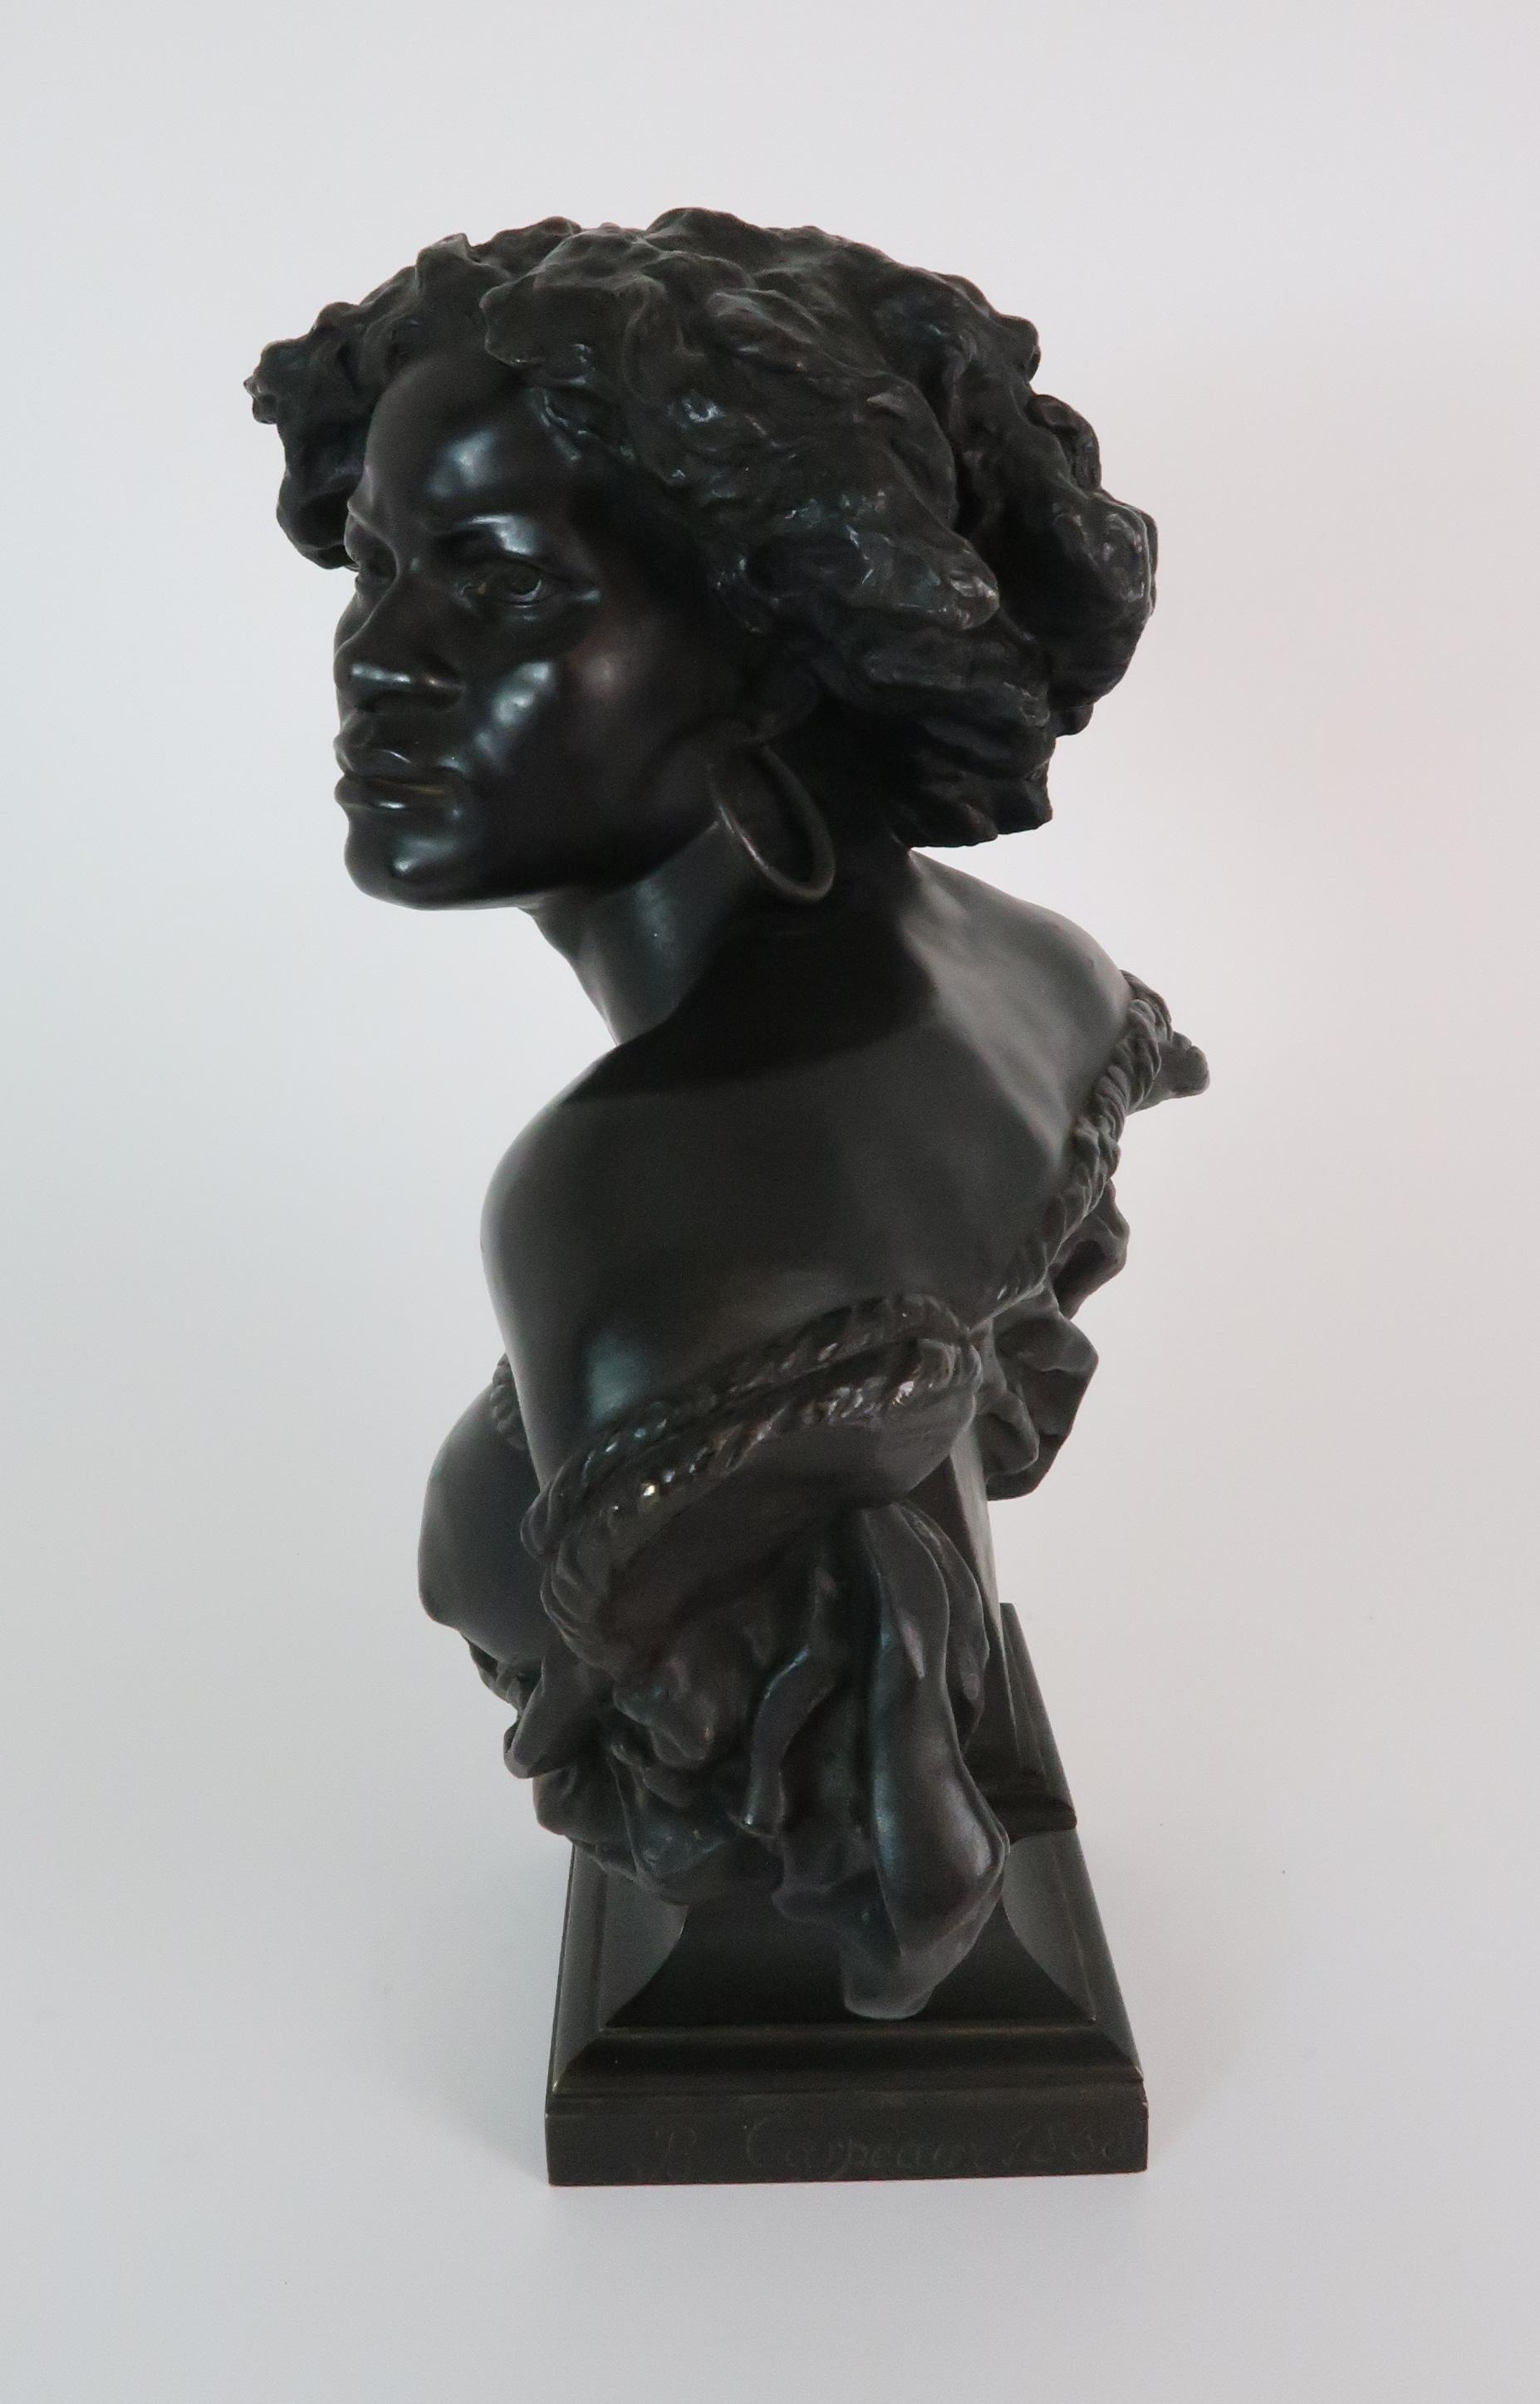 AFTER JEAN-BAPTISTE CARPEAUX (FRENCH 1827-1875) - POUR QUOINAITRE ESCLAVE a bronze bust of a - Image 2 of 7